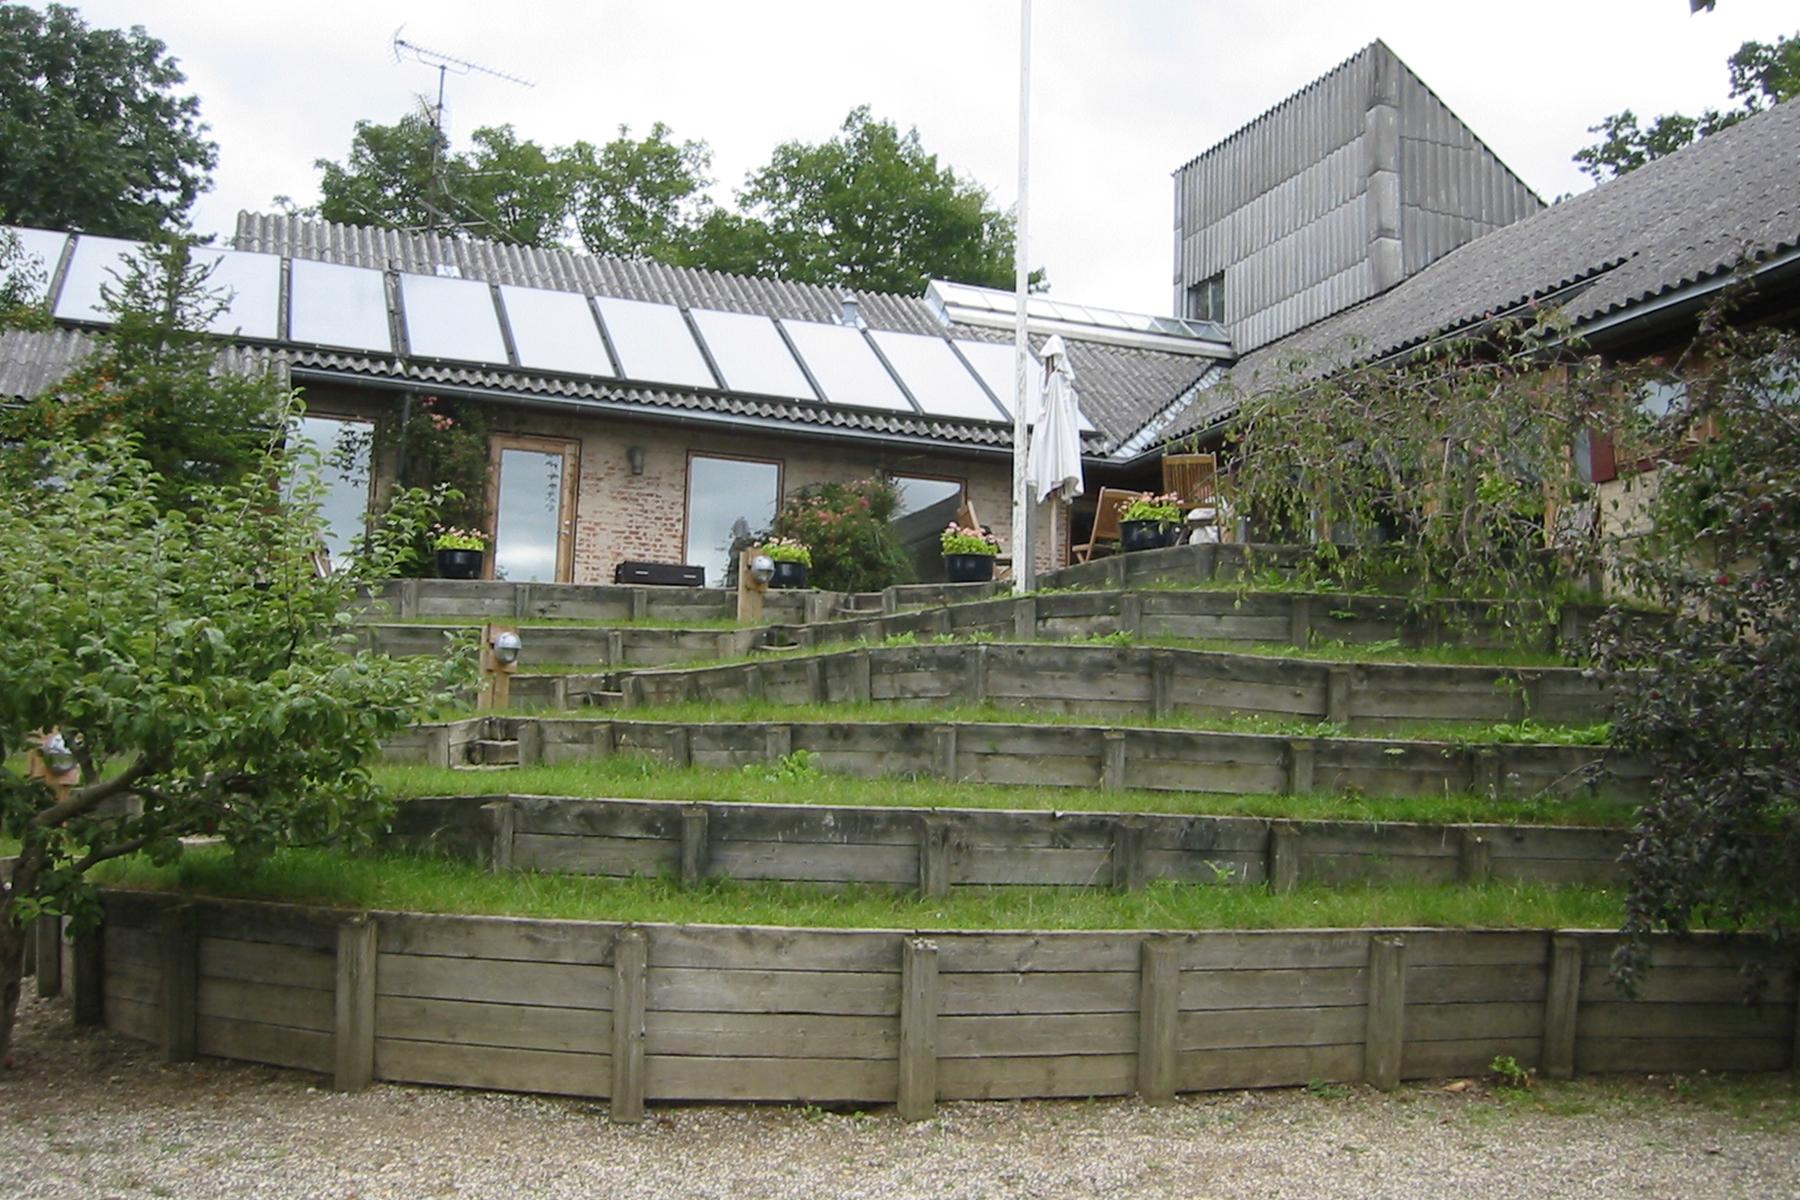 Trudeslund Cohousing  in Bikeroed, DK. Designed by Tegnestuen Vandkunsten